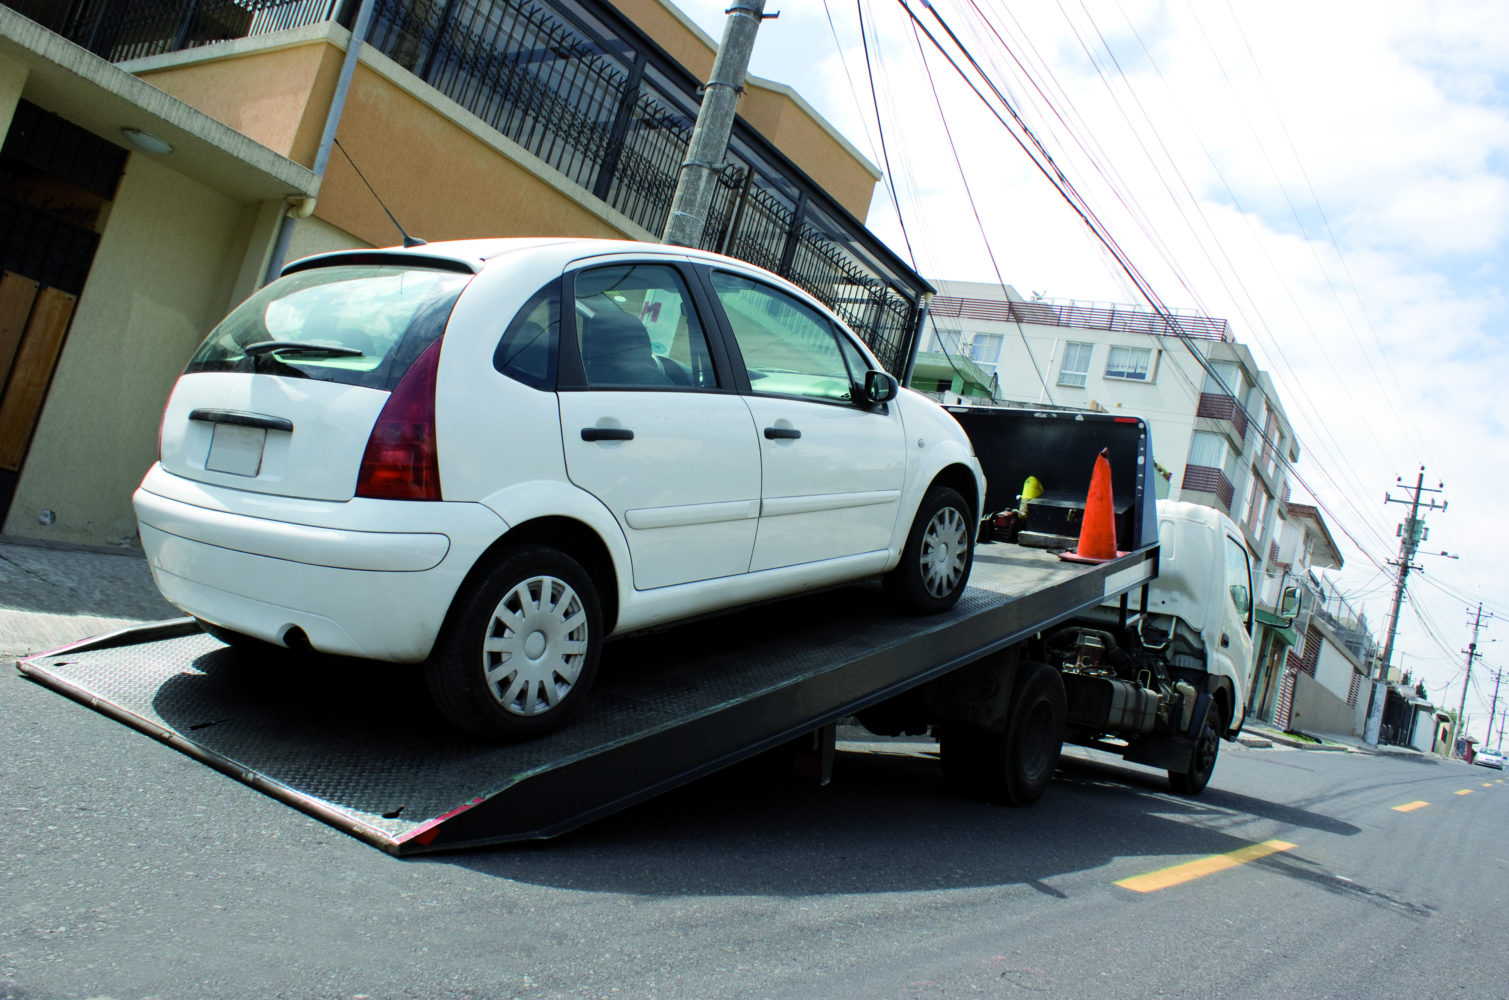 Wer zu lange parkt, wird abgeschleppt © foliavectorolirz Adobe Stock